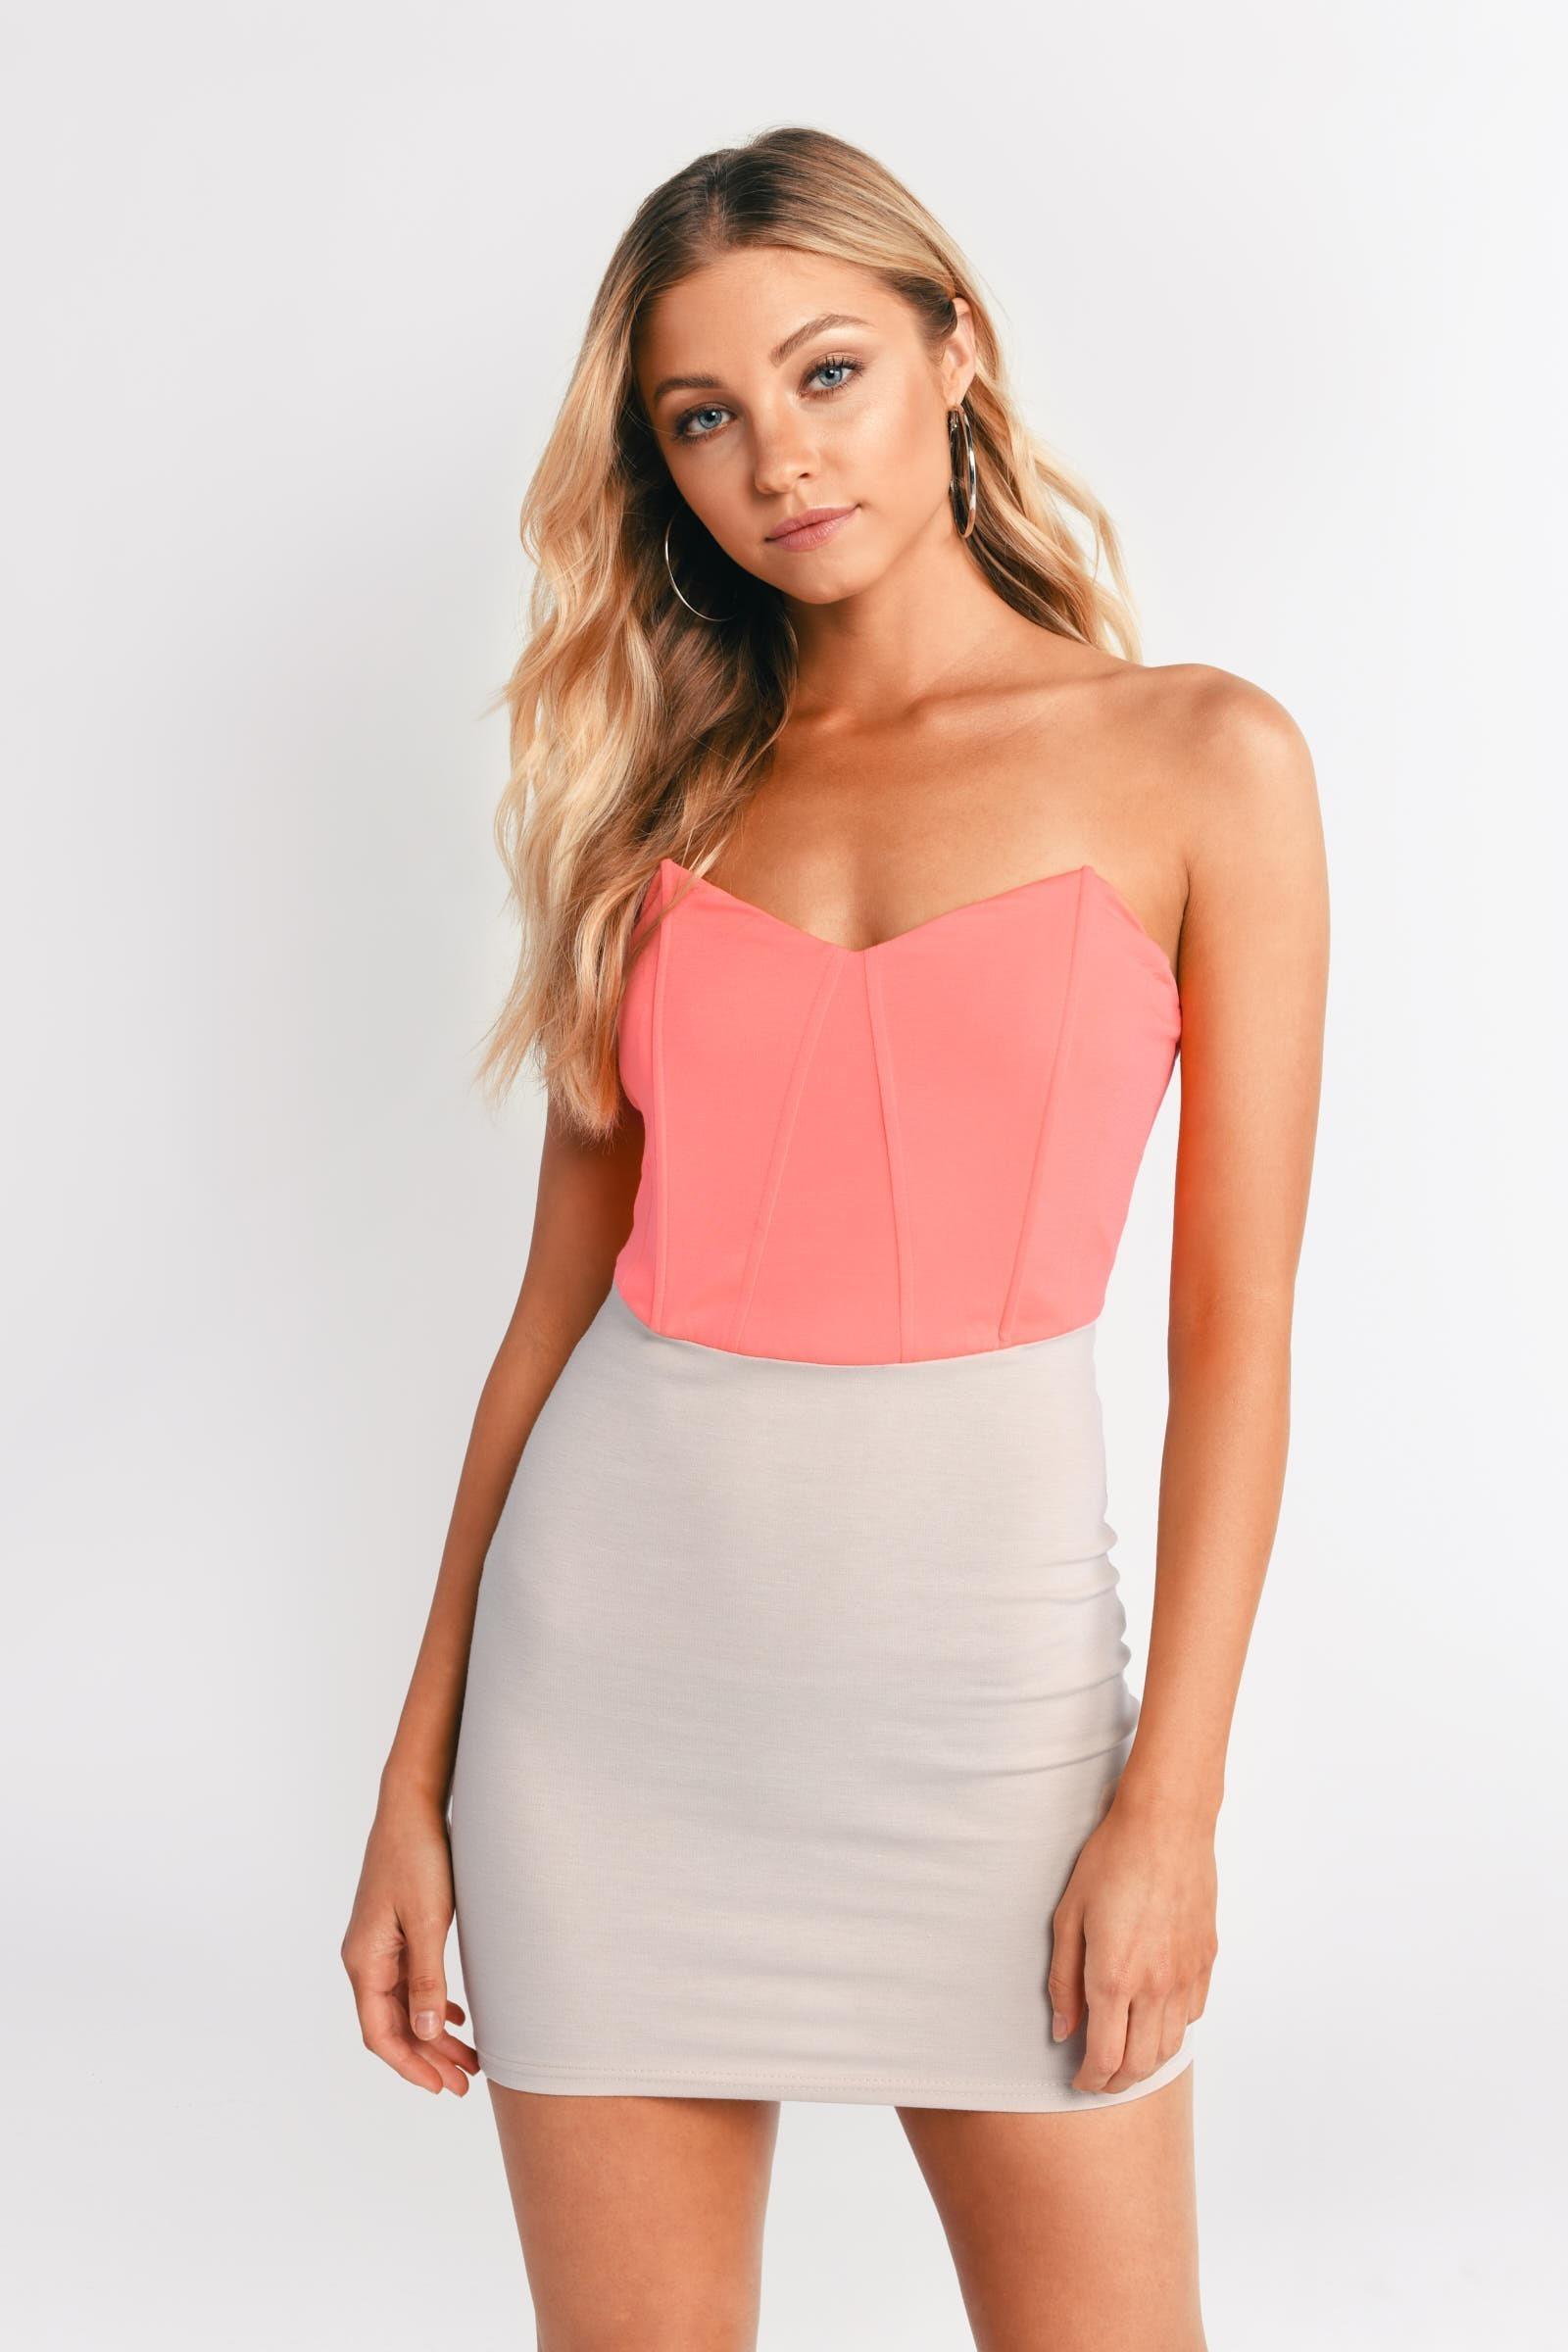 Neon Pink & Beige Bodycon Dress - Strapless Dress - $8.00